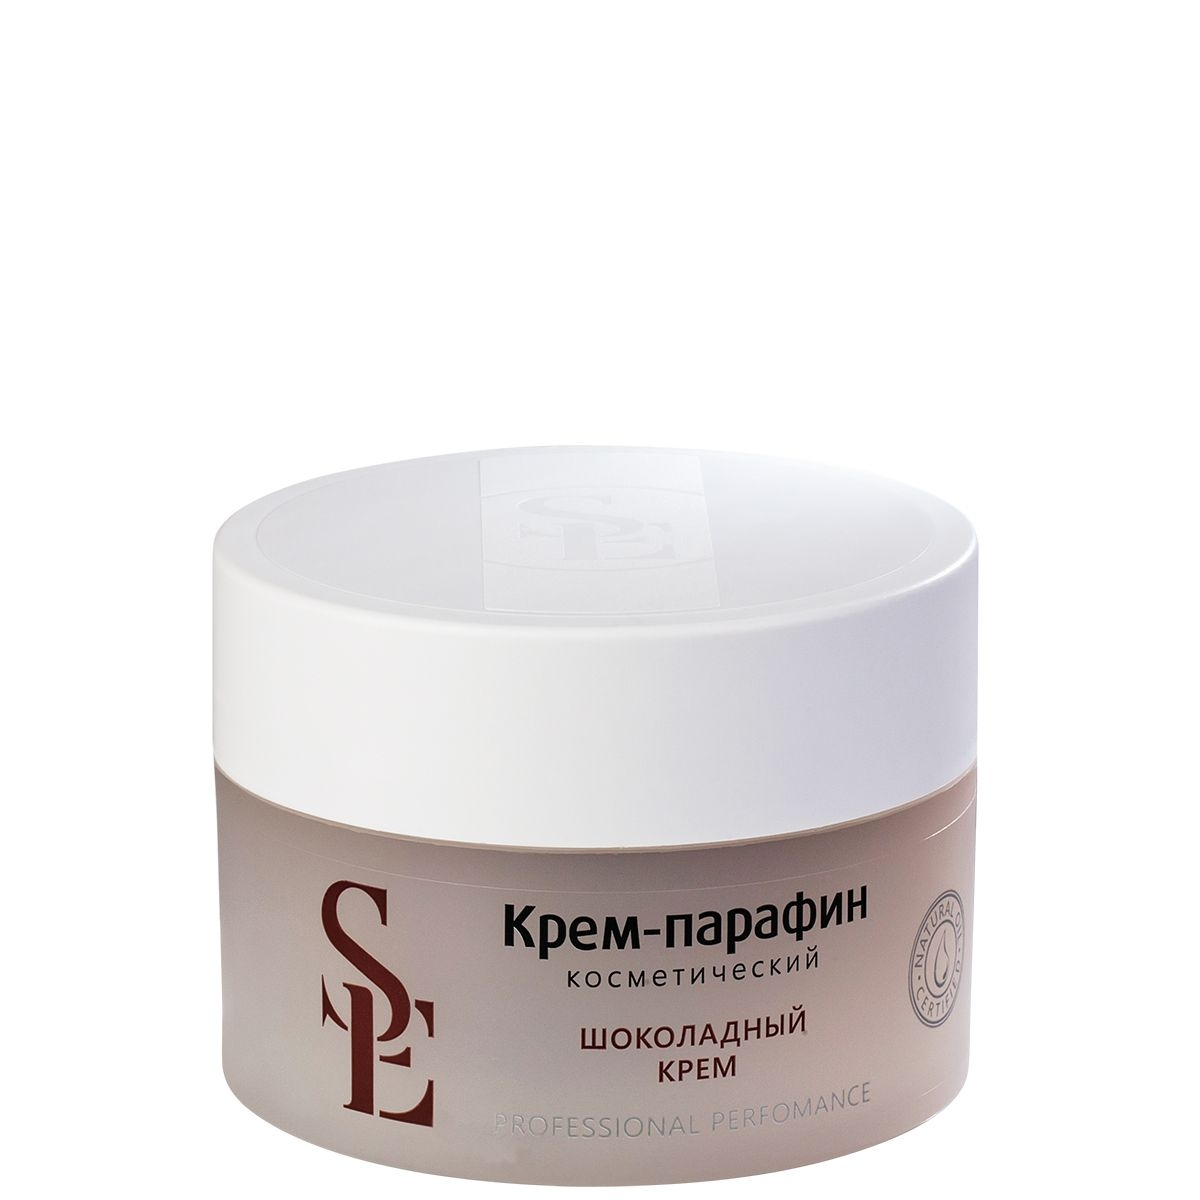 ARAVIA Start Epil Крем-парафин «Шоколадный крем» , 150 мл